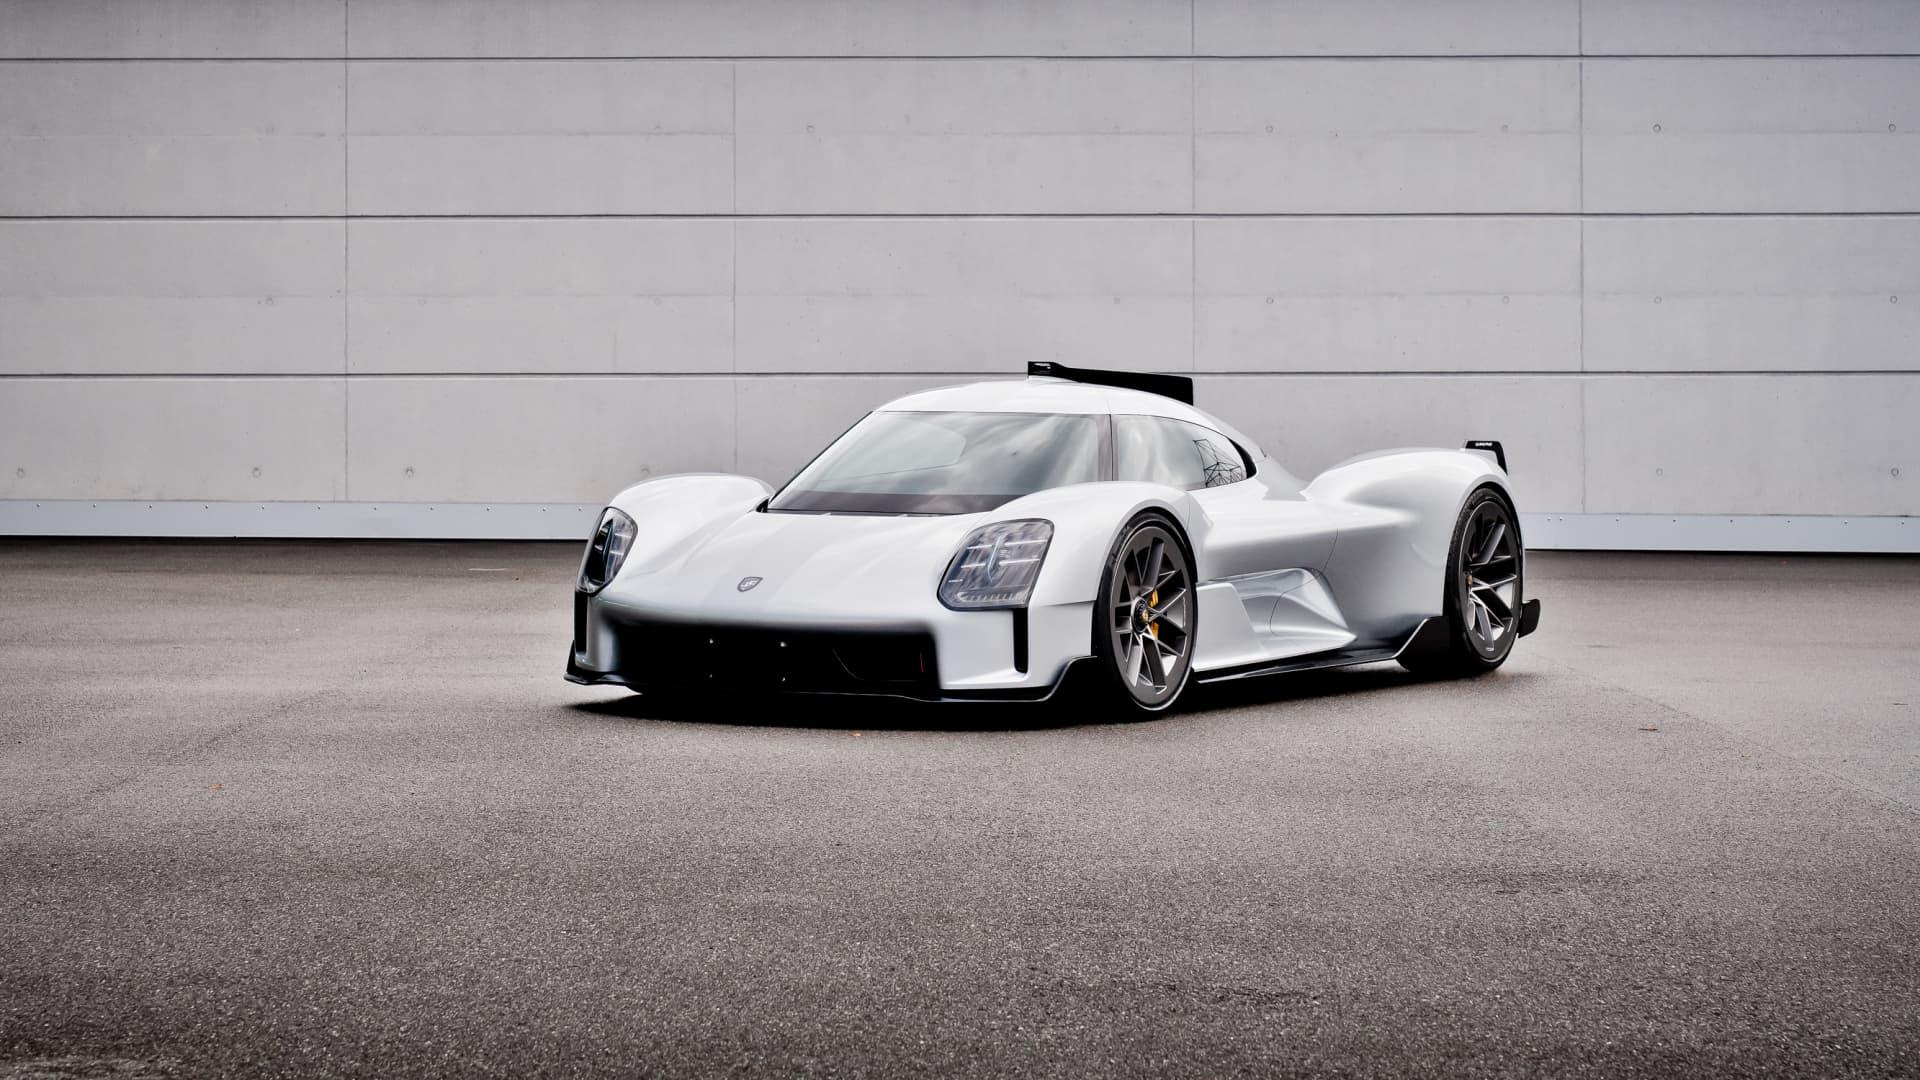 Porsche's 919 Street concept car.